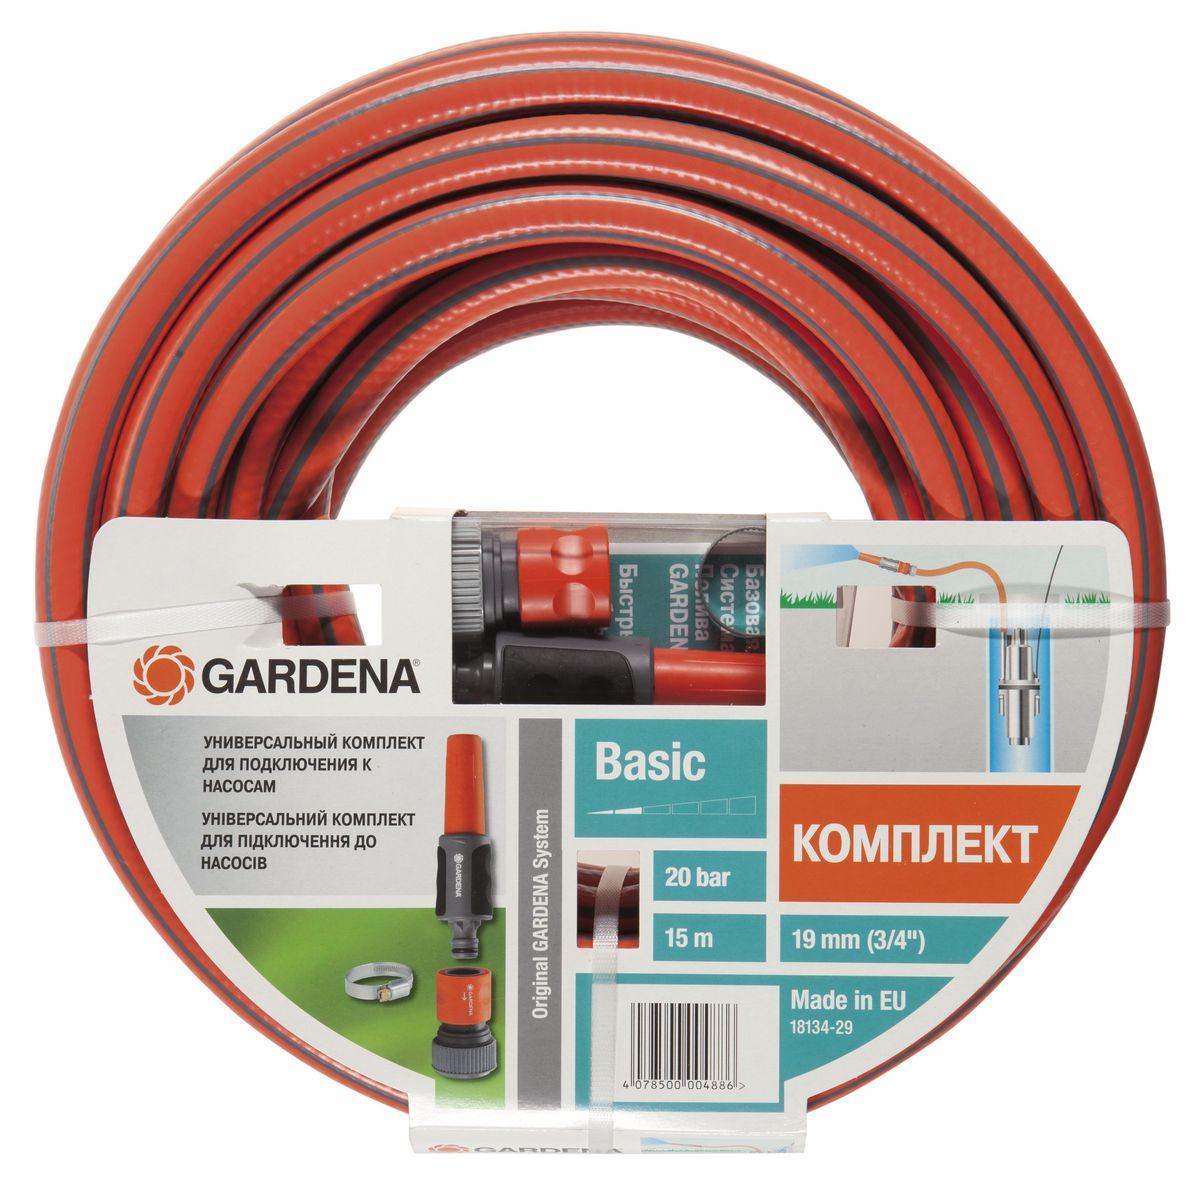 Комплект для подключения к насосу Gardena, универсальный, 4 предмета02921-29.000.00Универсальный комплект Gardena предназначен для подключения к насосам. Шланг предназначен для подведения воды к месту полива. Очень прочен и износостоек. Используется для умеренных нагрузок. С помощью шланга появляется возможность создать целую систему водопровода. Для необходимой длины нужное количество шлангов соединяется коннекторами, которые также используются для проектирования нужного угла поворота системы. Шланг устойчив к высокому давлению (до 20 бар), не ломается при сгибании. Яркий цвет не даст потеряться даже в густой высокой траве, и он будет своевременно заметен при обработке газона. Выполнен из высококачественного материала что гарантирует долгий срок эксплуатации шланга.Коннектор предназначен для подсоединения наконечника для полива к шлангу. Благодаря накладкам на поверхности из мягкого рифленого пластика, коннектор очень удобно снимать и одевать даже сырыми руками во время проведения работ. Для снятия коннектора со шланга достаточно потянуть на себя за накладки.Наконечник Classic используется со шлангами для полива и орошения. Приспособление выполнено из пластика, который отличается мягкой структурой для максимального удобства при использовании. Еще одна особенность - это возможность регулирования струи воды от обычной до бережного распыления, что позволяет подобрать уход под конкретные цели.Хомут используется для крепления шланга к выходному патрубку насоса.В комплект входят:- шланг Standard - 15 м;- хомут;- коннектор стандартный;- наконечник для полива Classic.Диаметр шланга: 3/4. Длина шланга: 15 м.Диаметр коннектора: 3/4.